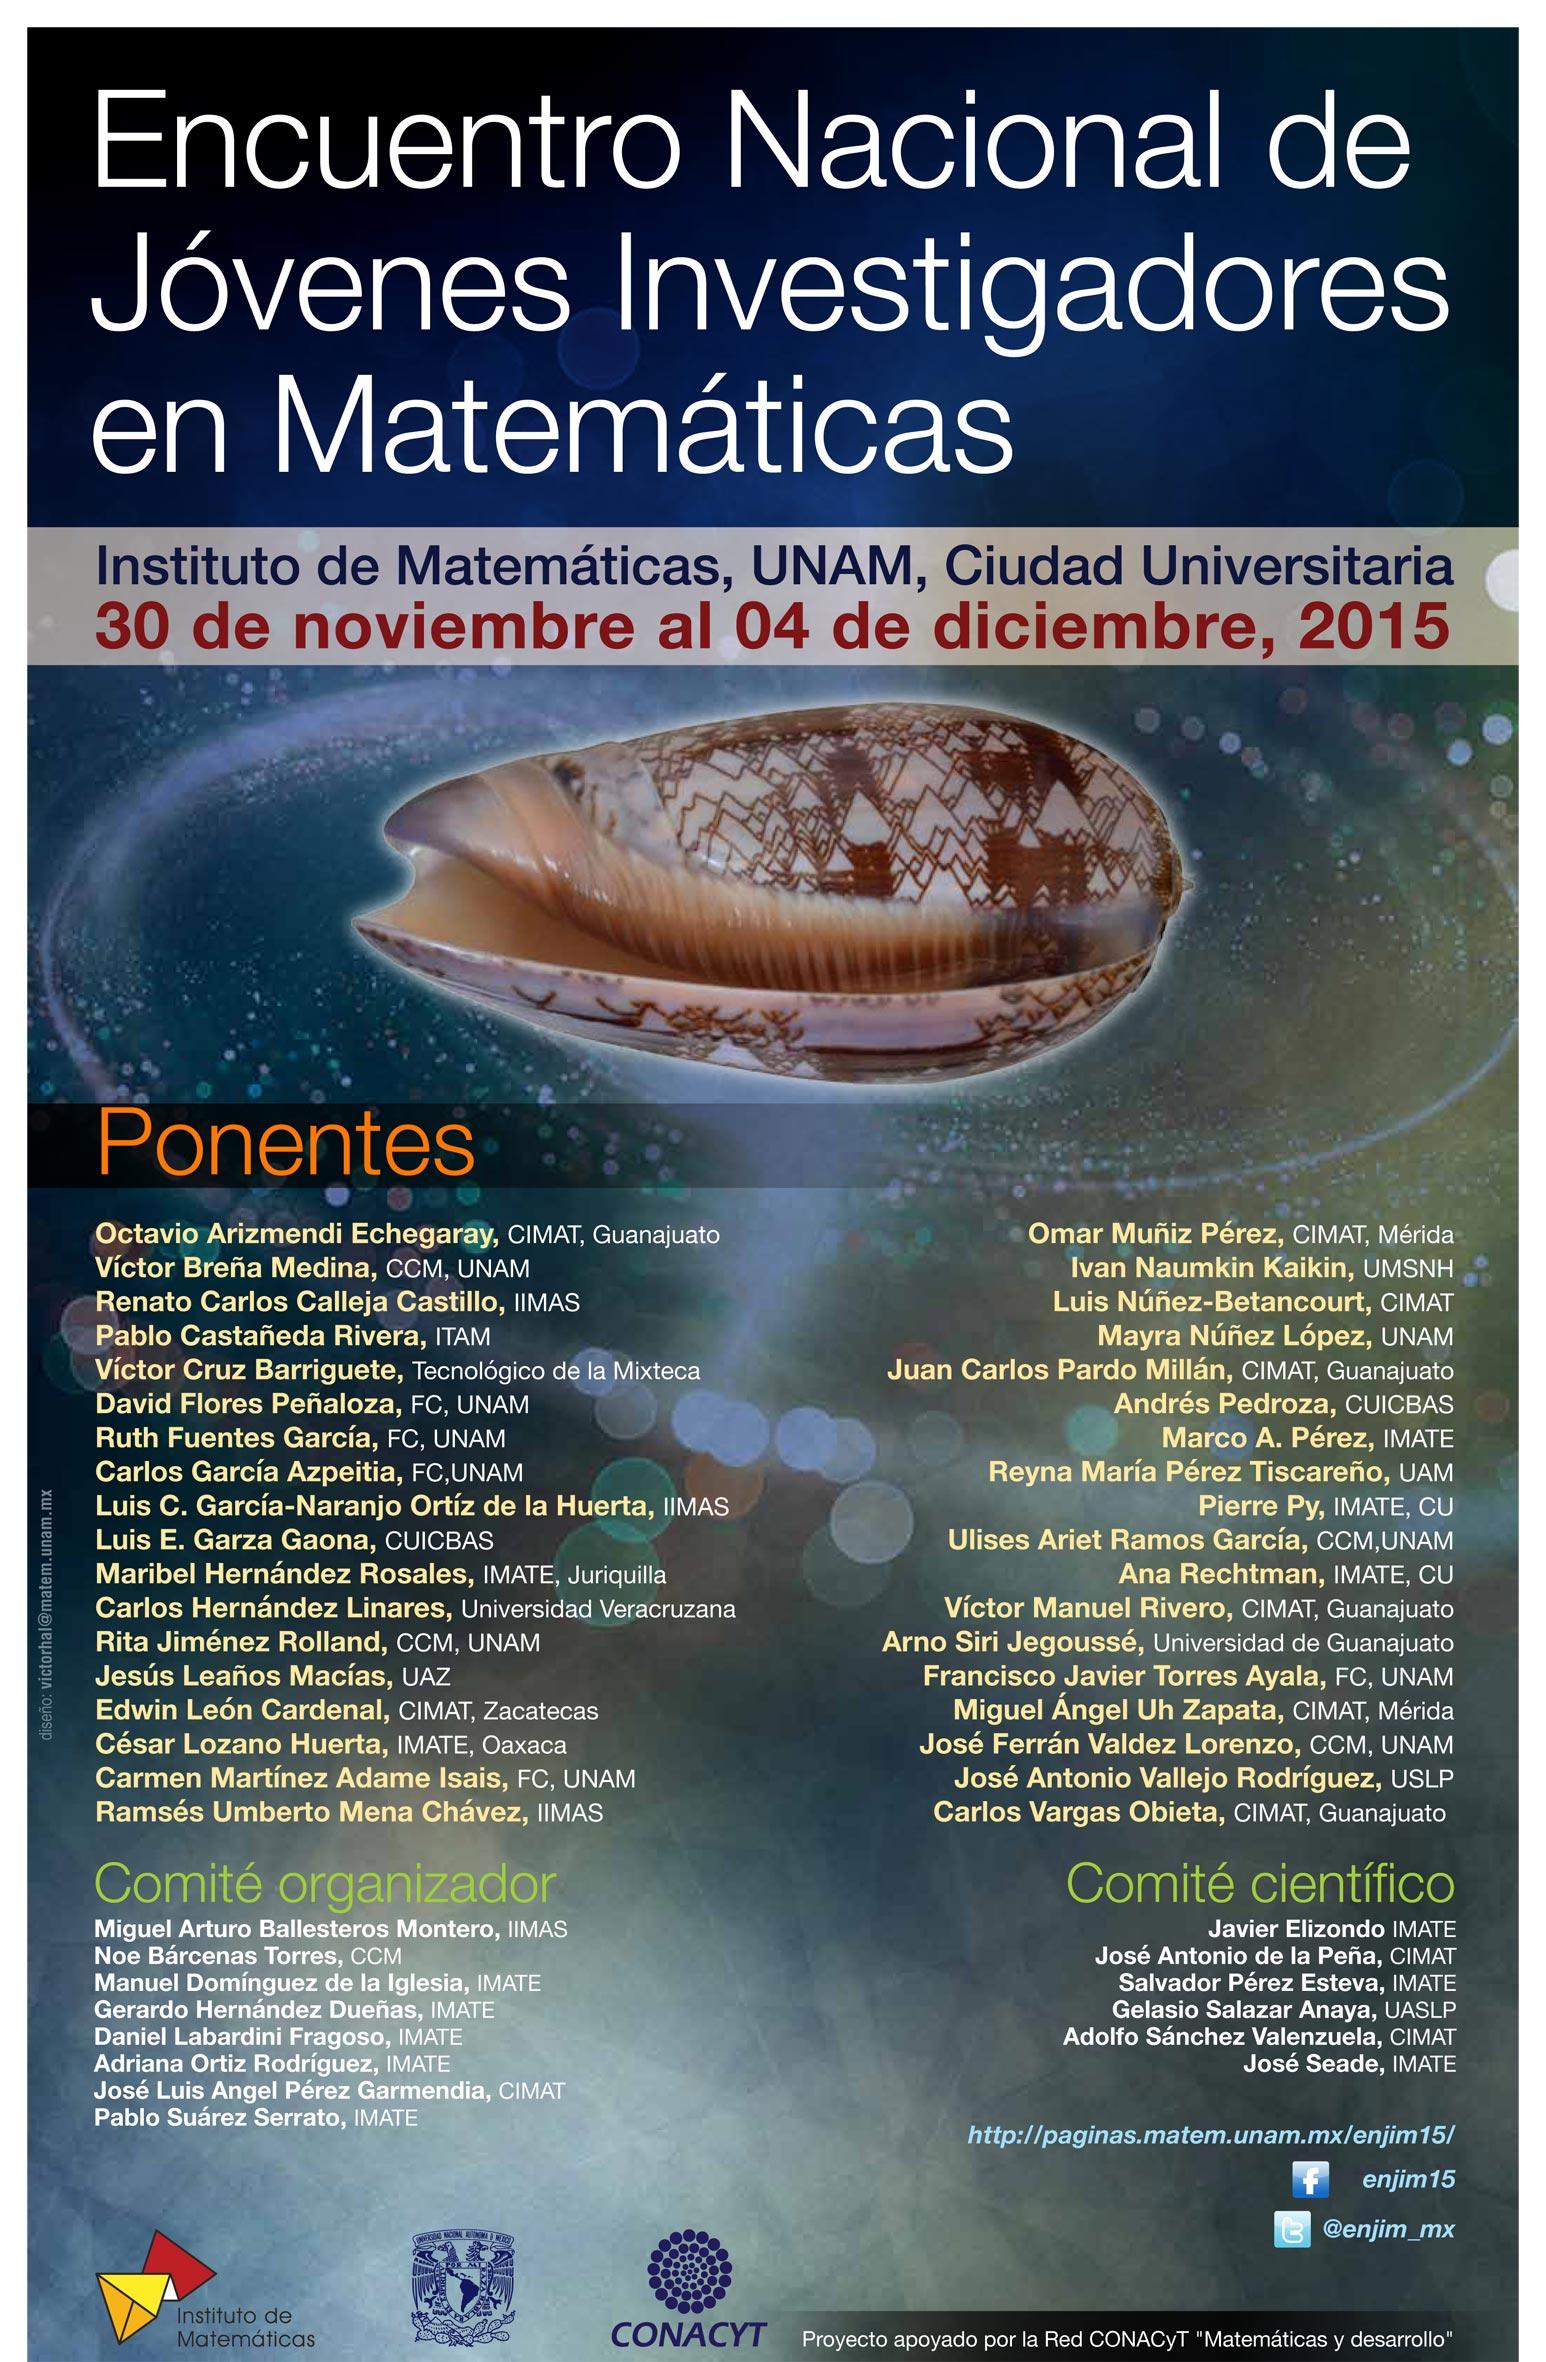 Encuentro Nacional de Jóvenes Investigadores en Matemáticas